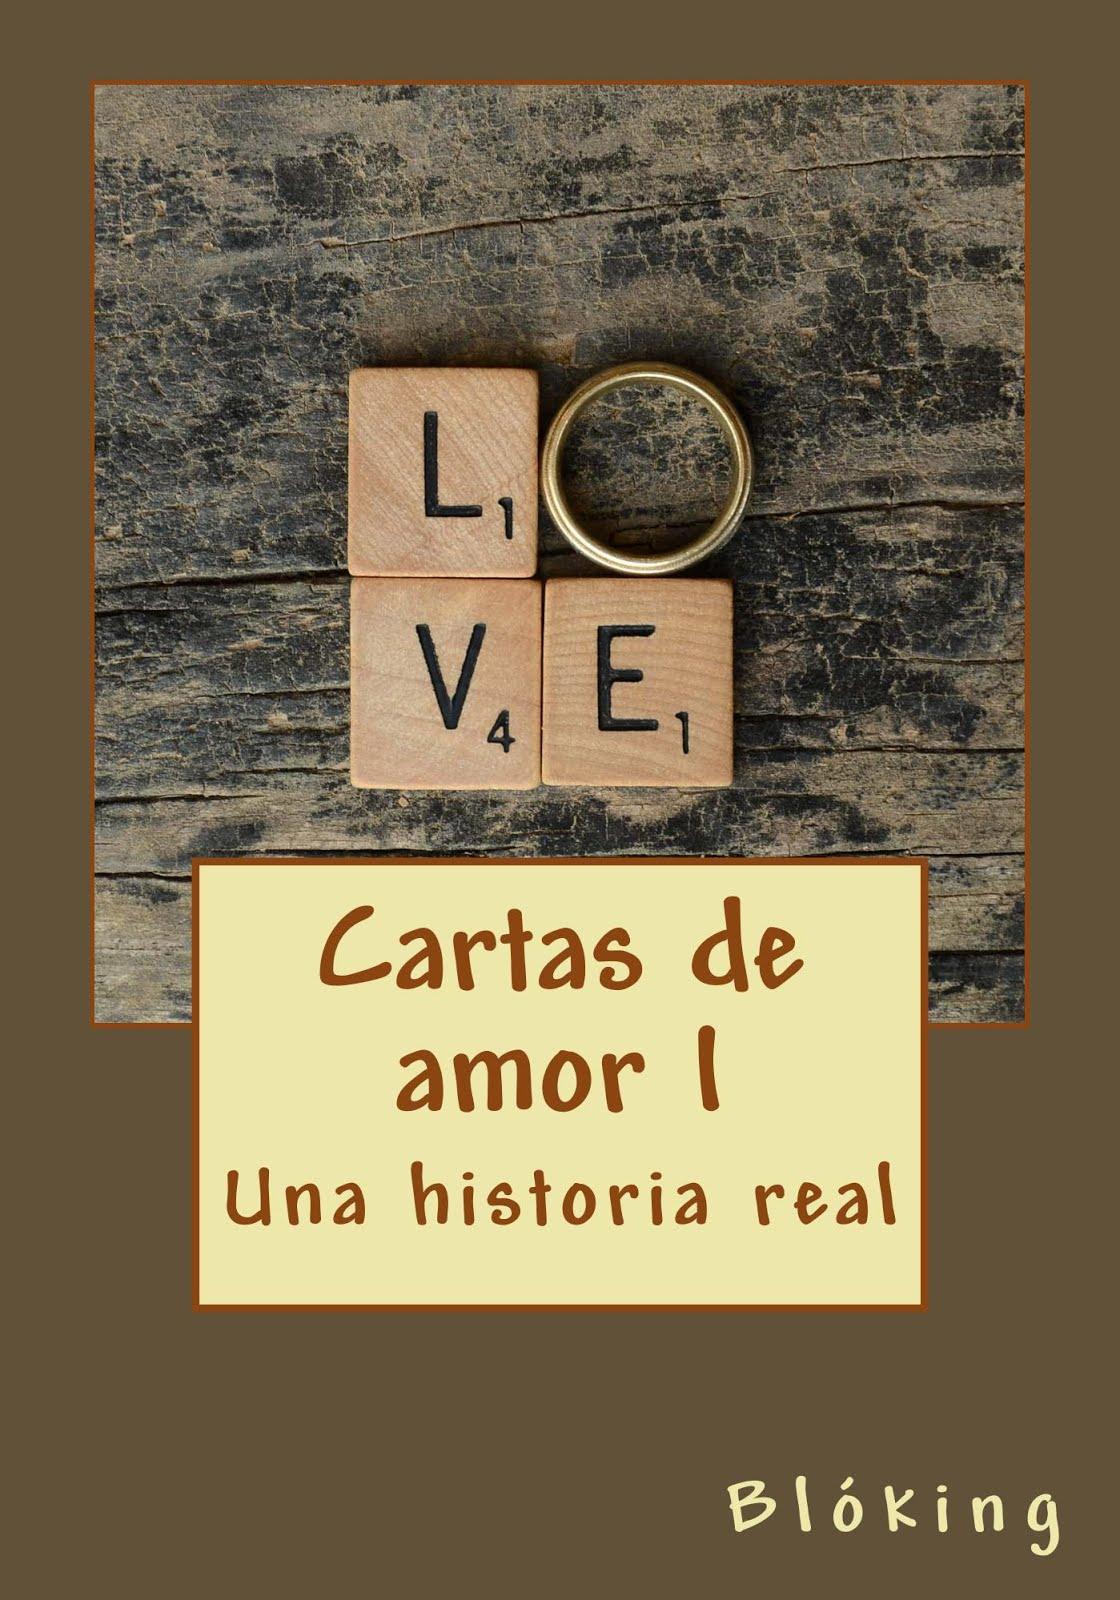 #Obra 42 - Cartas de amor I